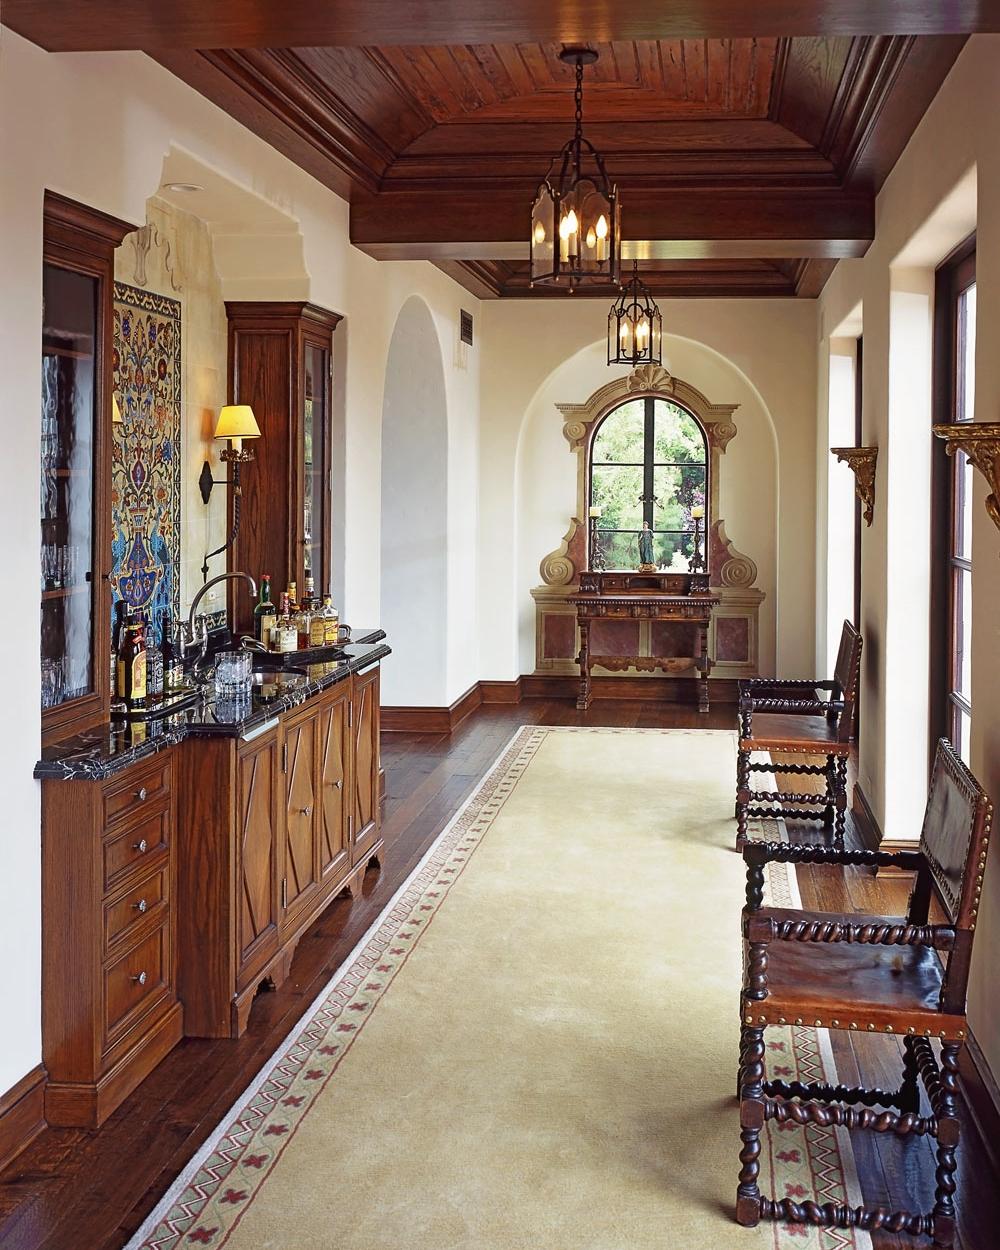 7-hallway-hardwood-floors-spanish-dee-carawan.jpg